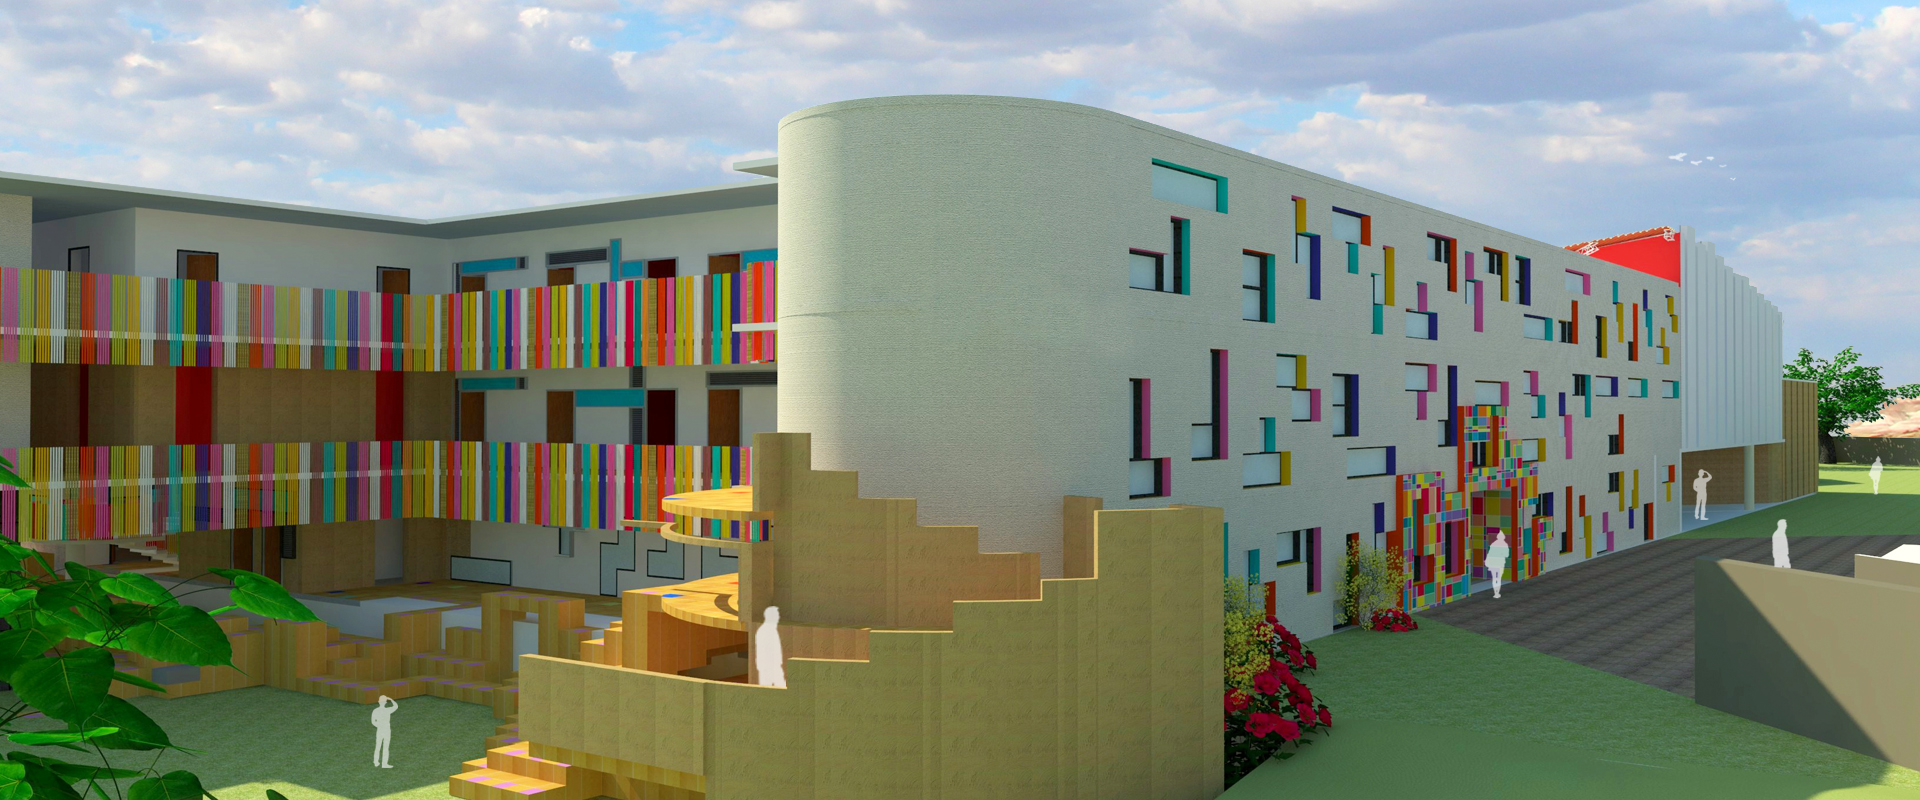 MODERN PUBLIC SCHOOL, BHIWADI